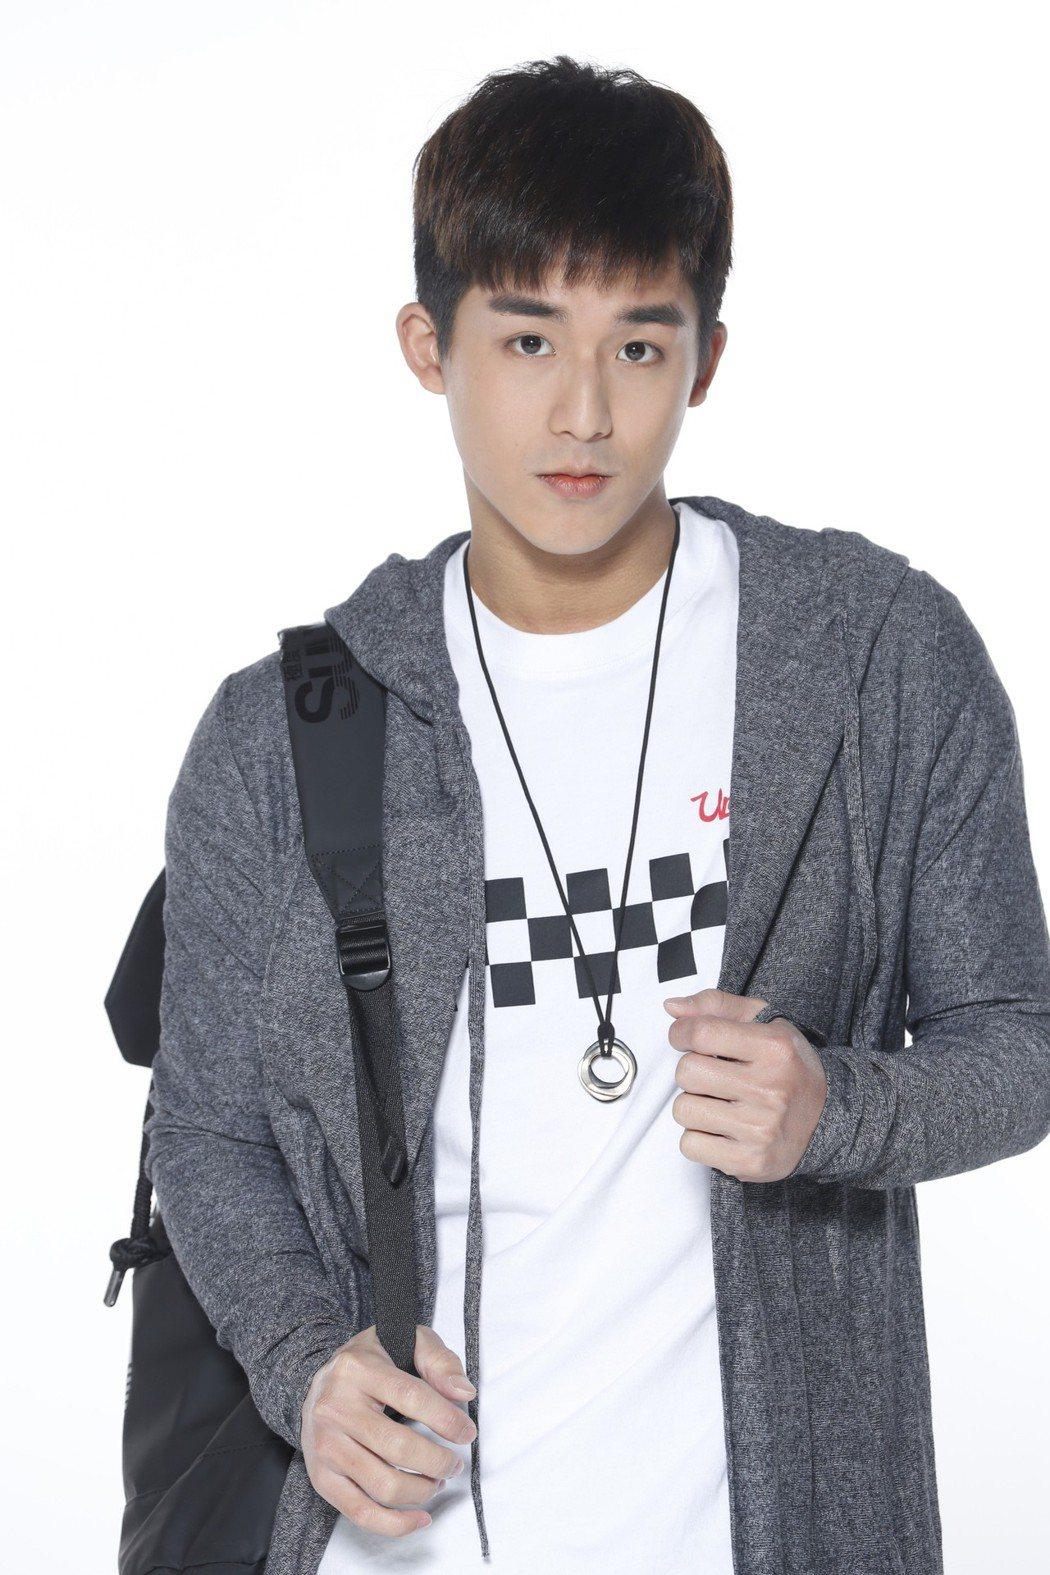 李博翔主演「萬德浮史貝斯」,飾演高中樂團吉他手。圖/緯來電影台提供